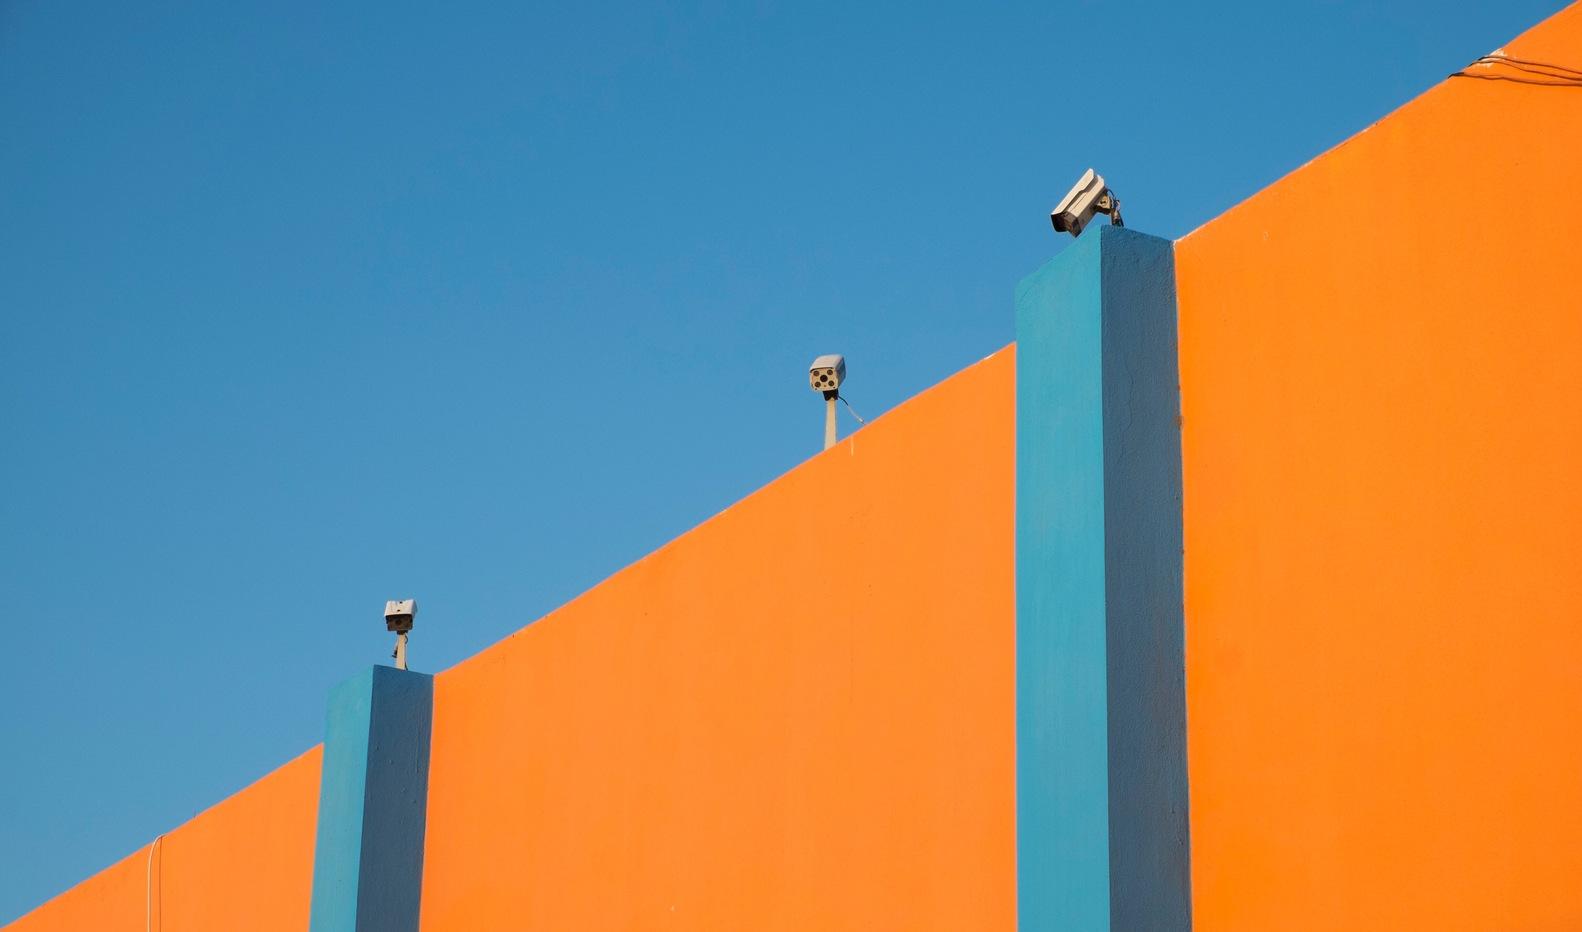 gallery of 20 photos selected as winners of eyeem s minimalist